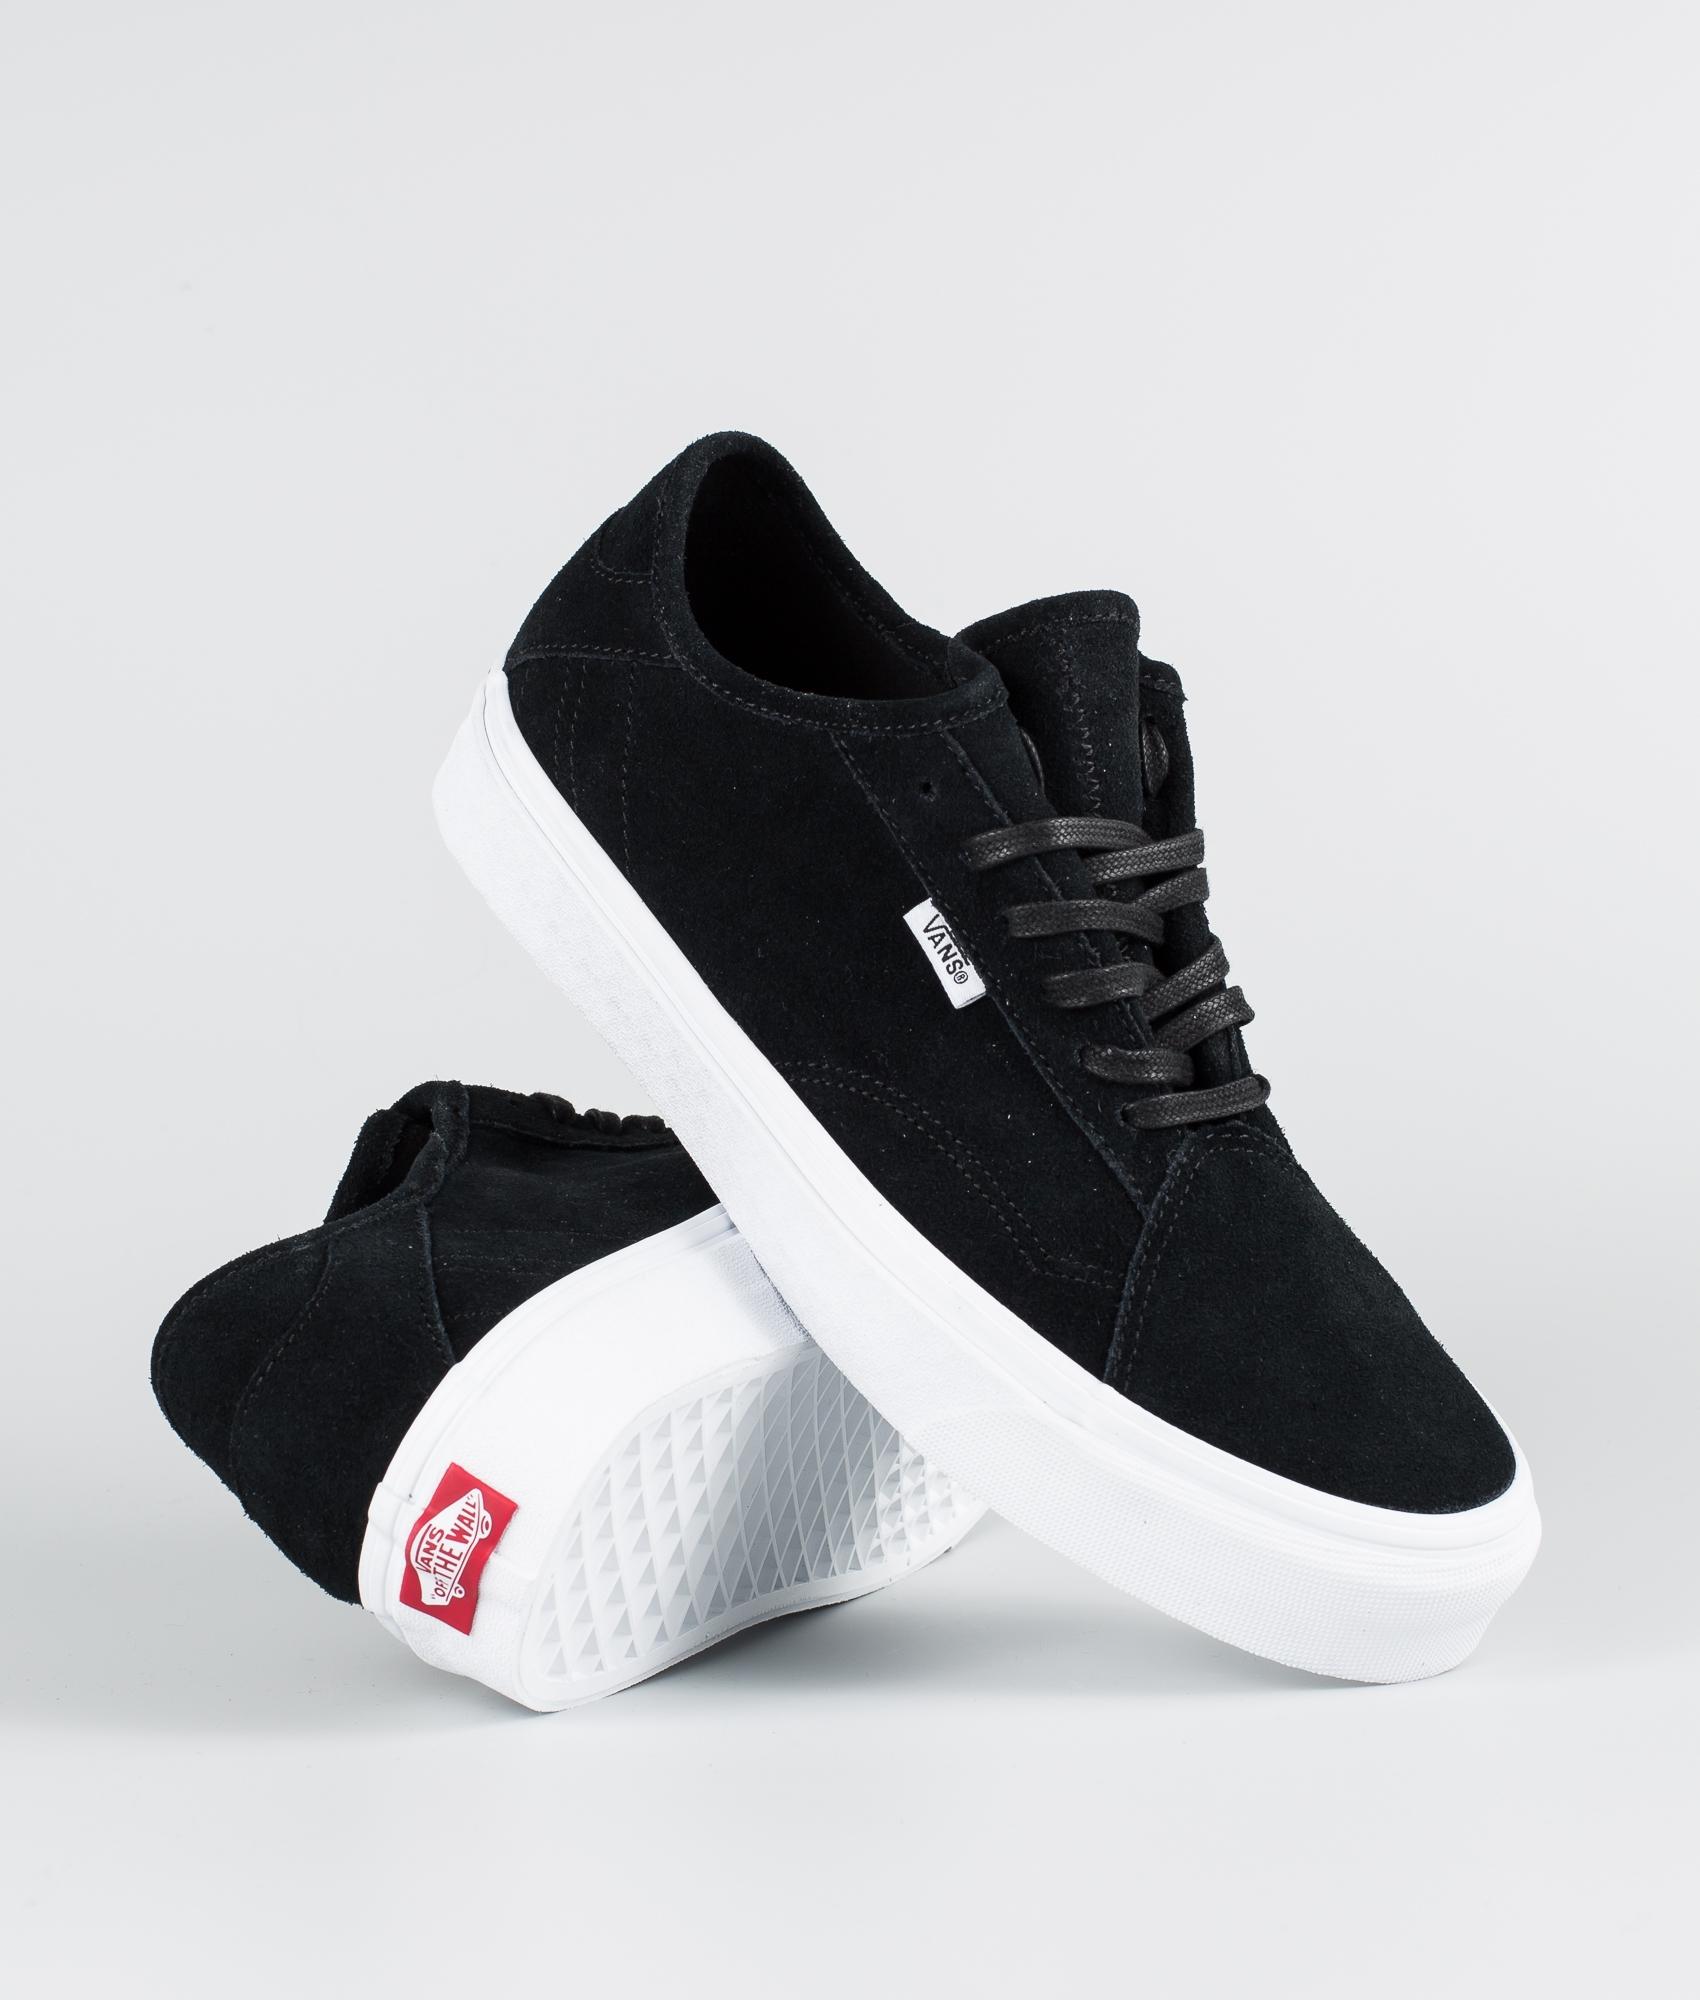 Vans Diamo Ni Shoes (Suede) Black/True